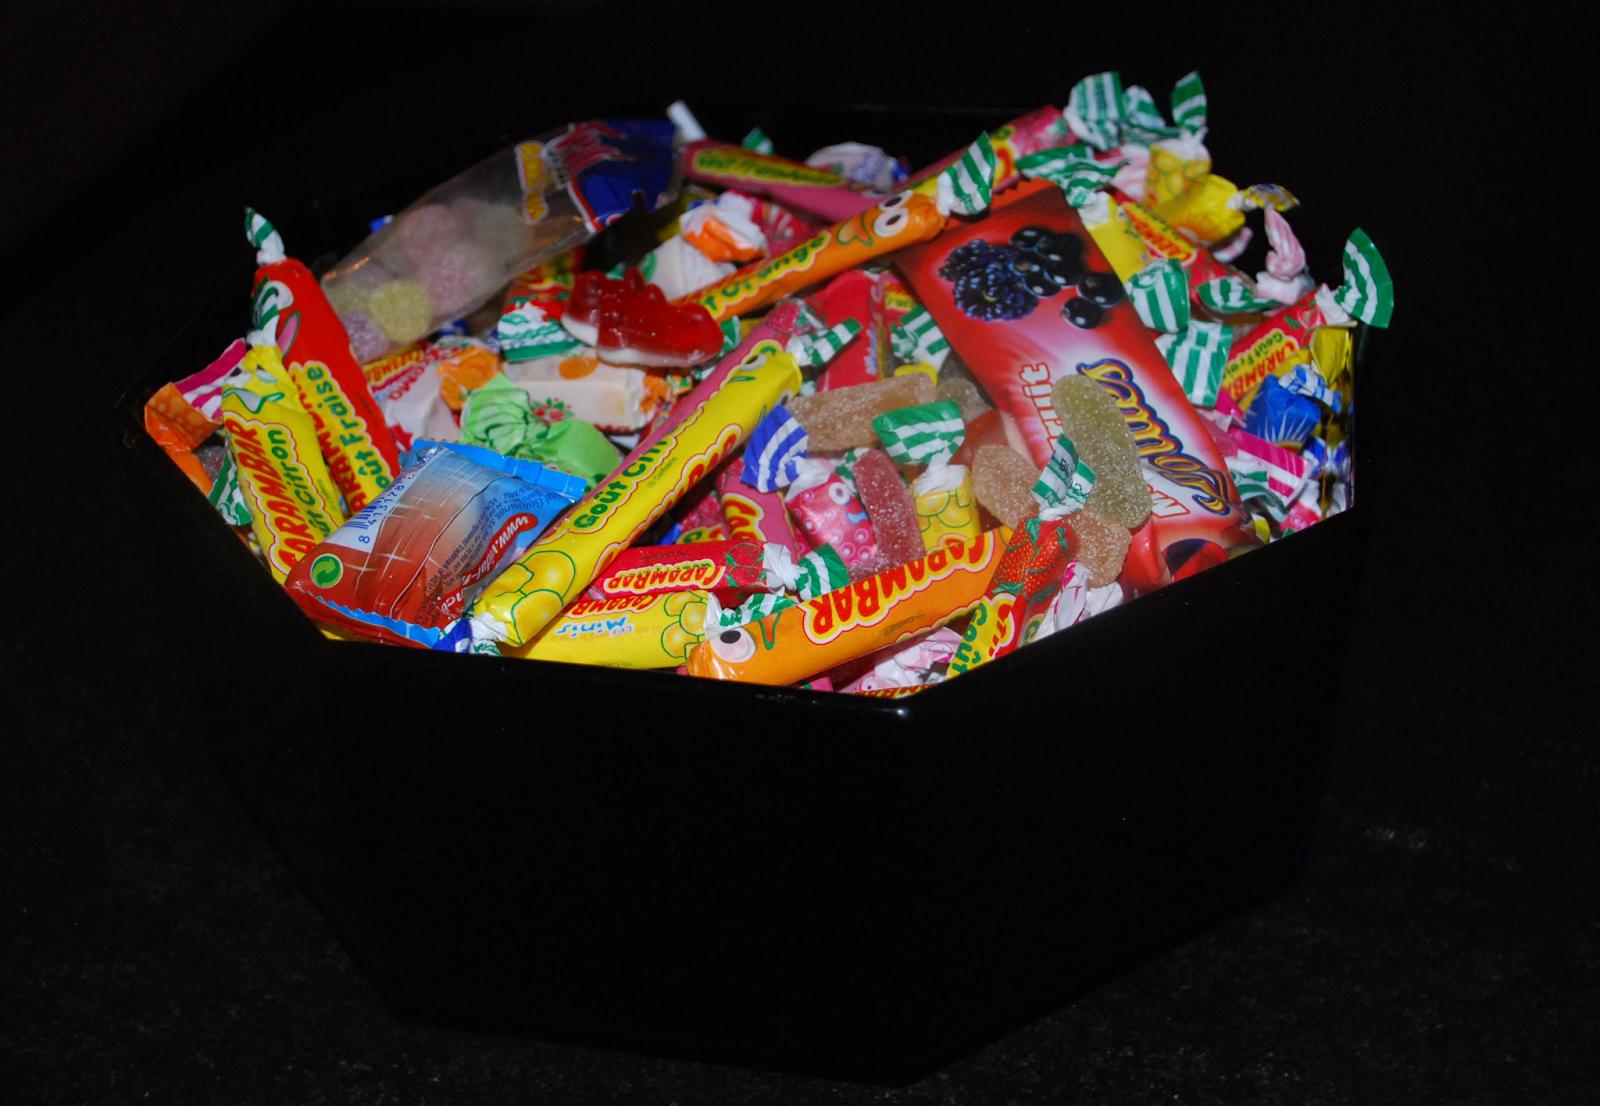 saladier de bonbons